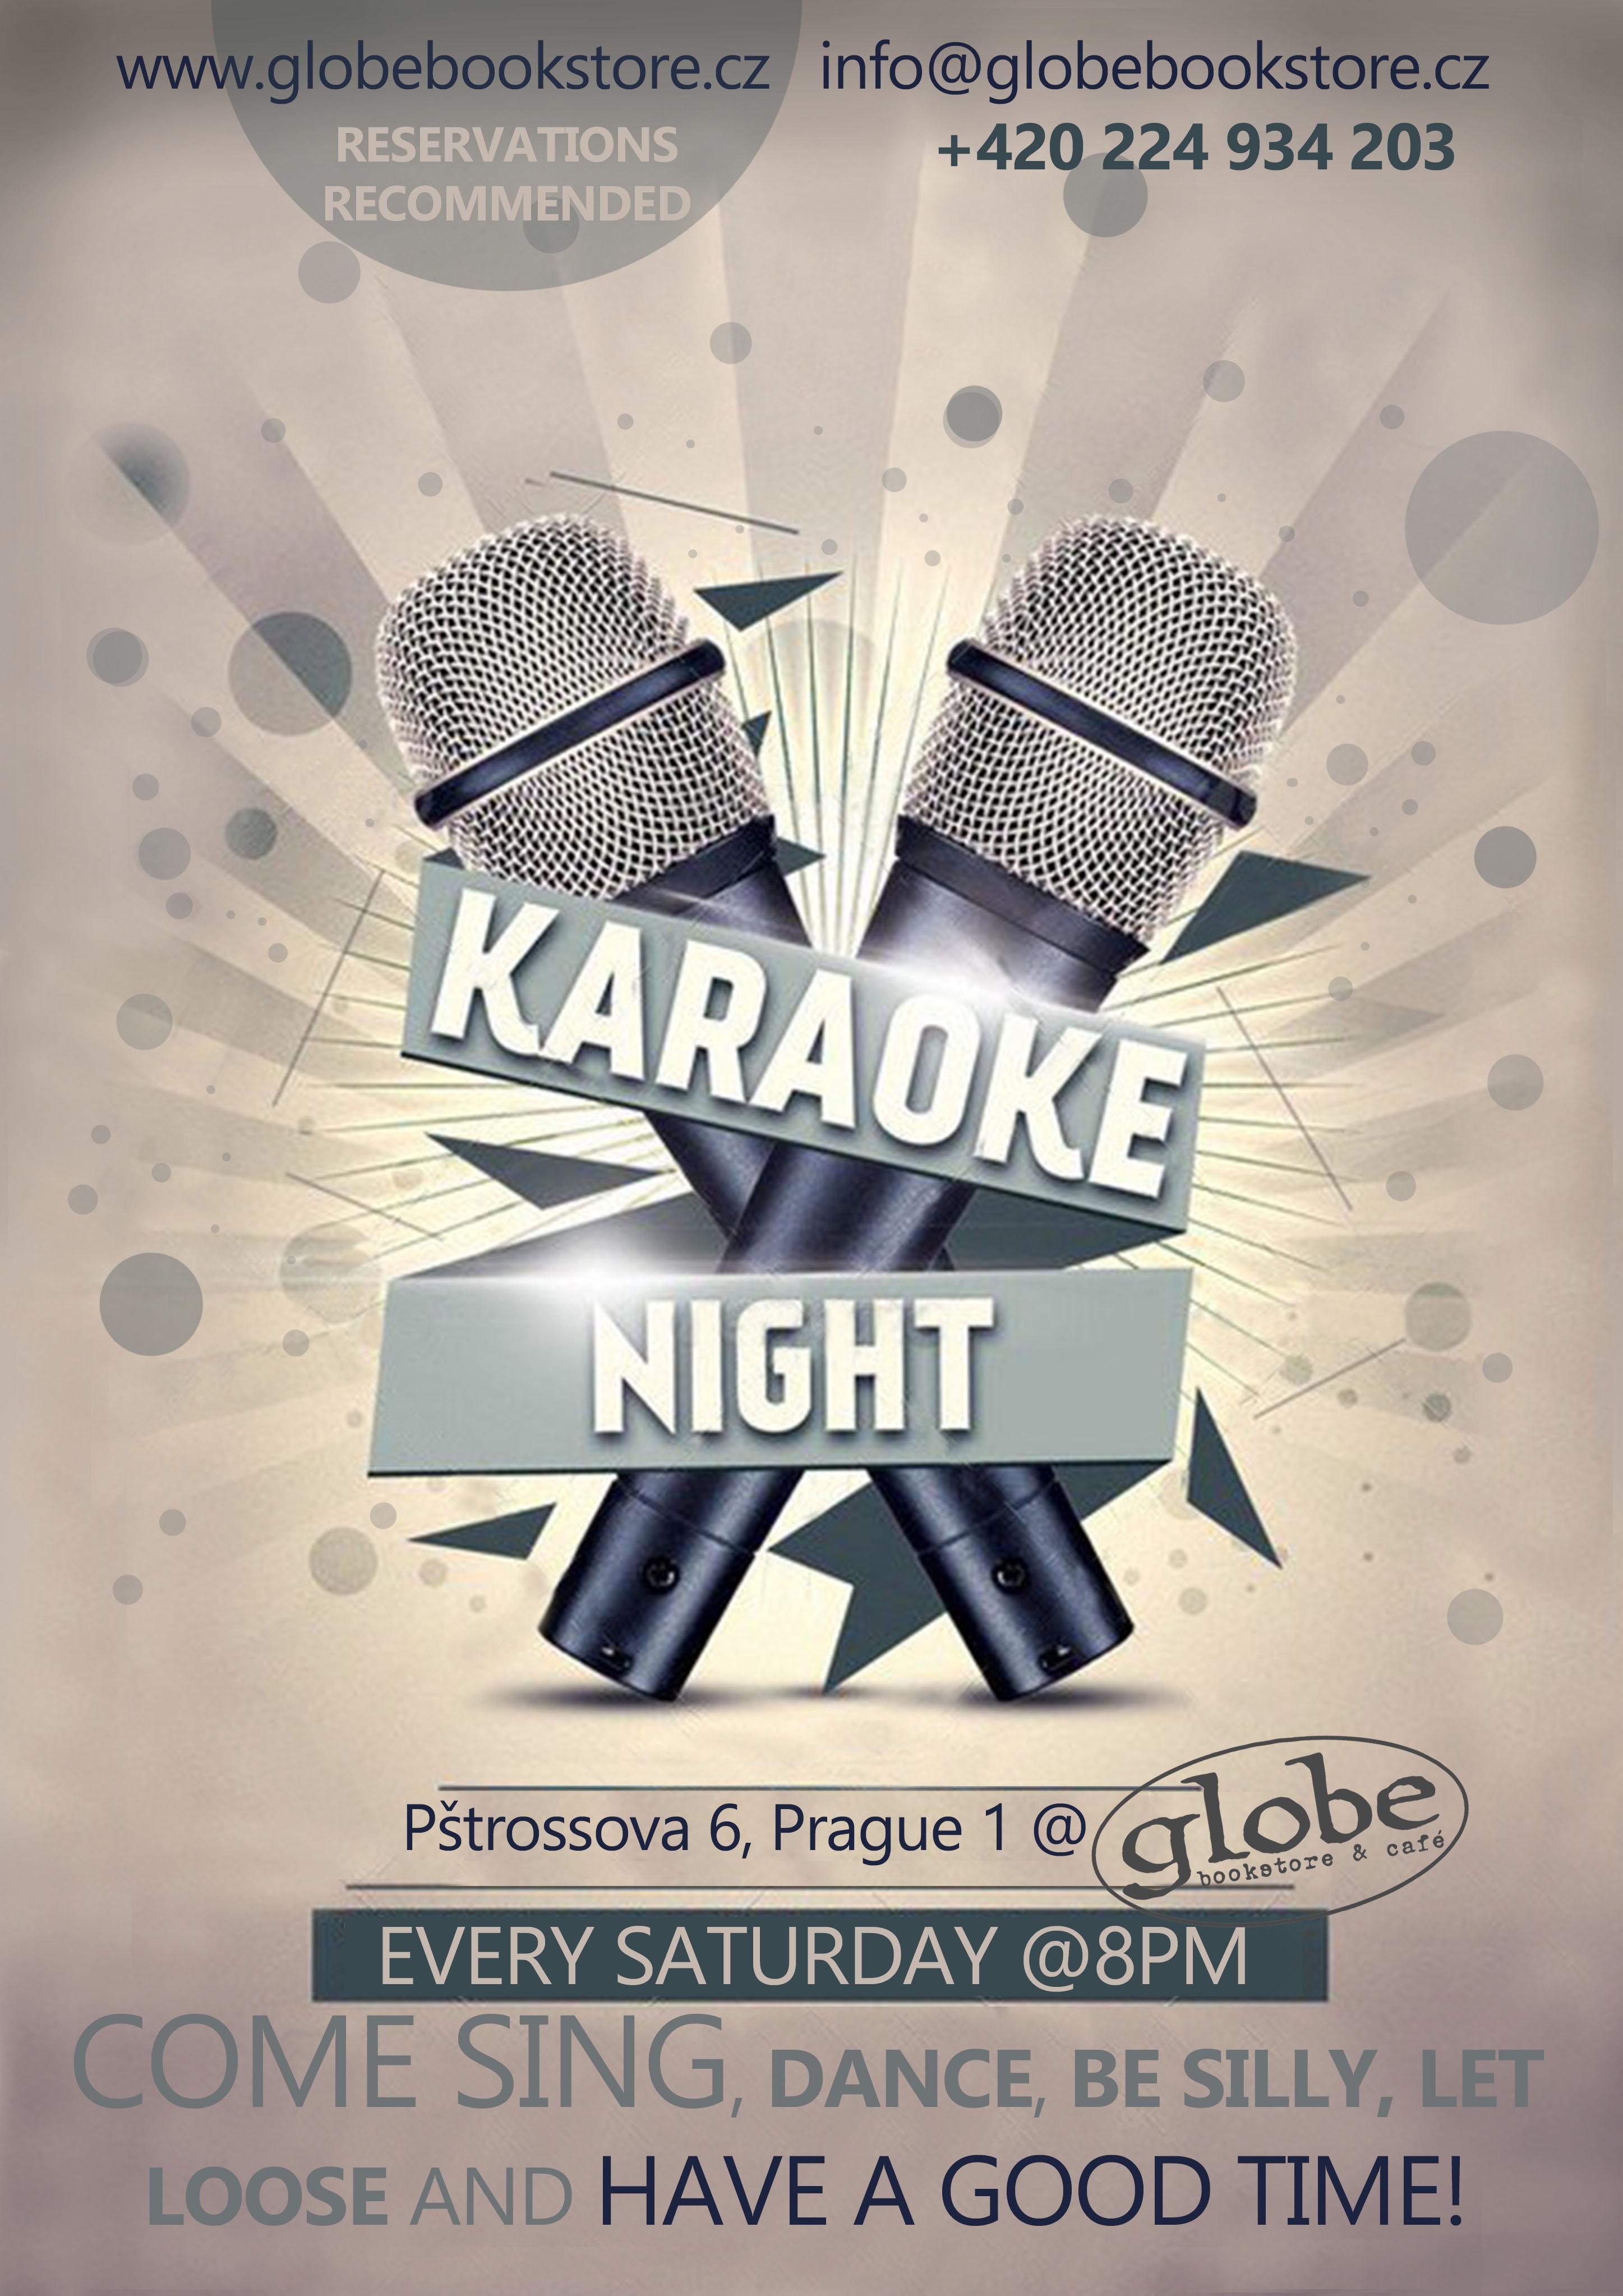 karaoke-every-sat-8pm